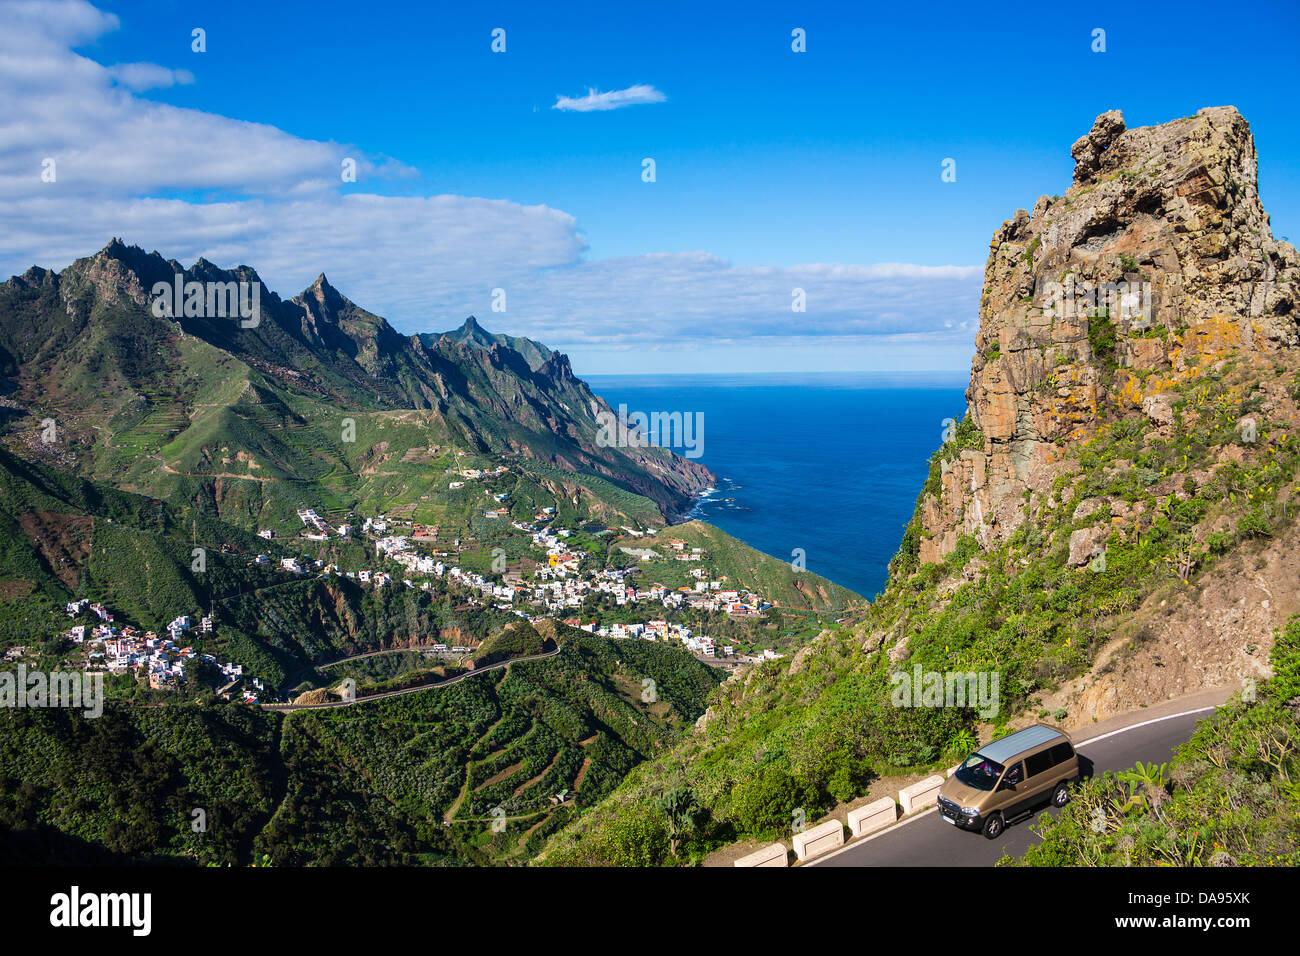 España, Europa, Islas Canarias, Taganana, la isla de Tenerife, Tenerife, Teneriffa, Taganana, montañas, Imagen De Stock